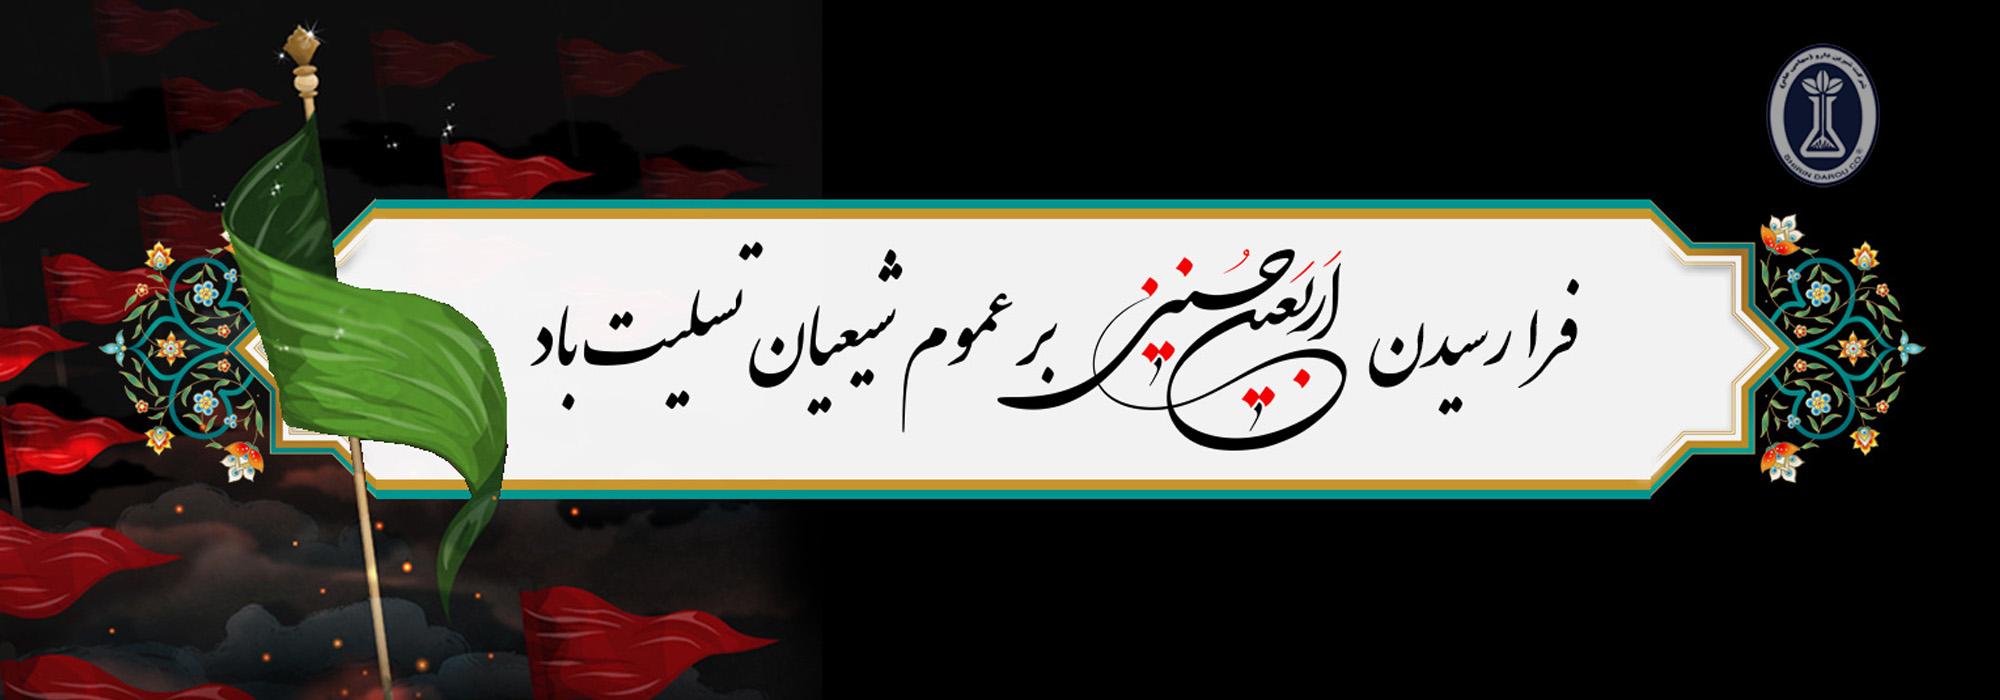 اربعین شیرین دارو لیکوریس licorice iran licorice iranlicorice ایران لیکوریس